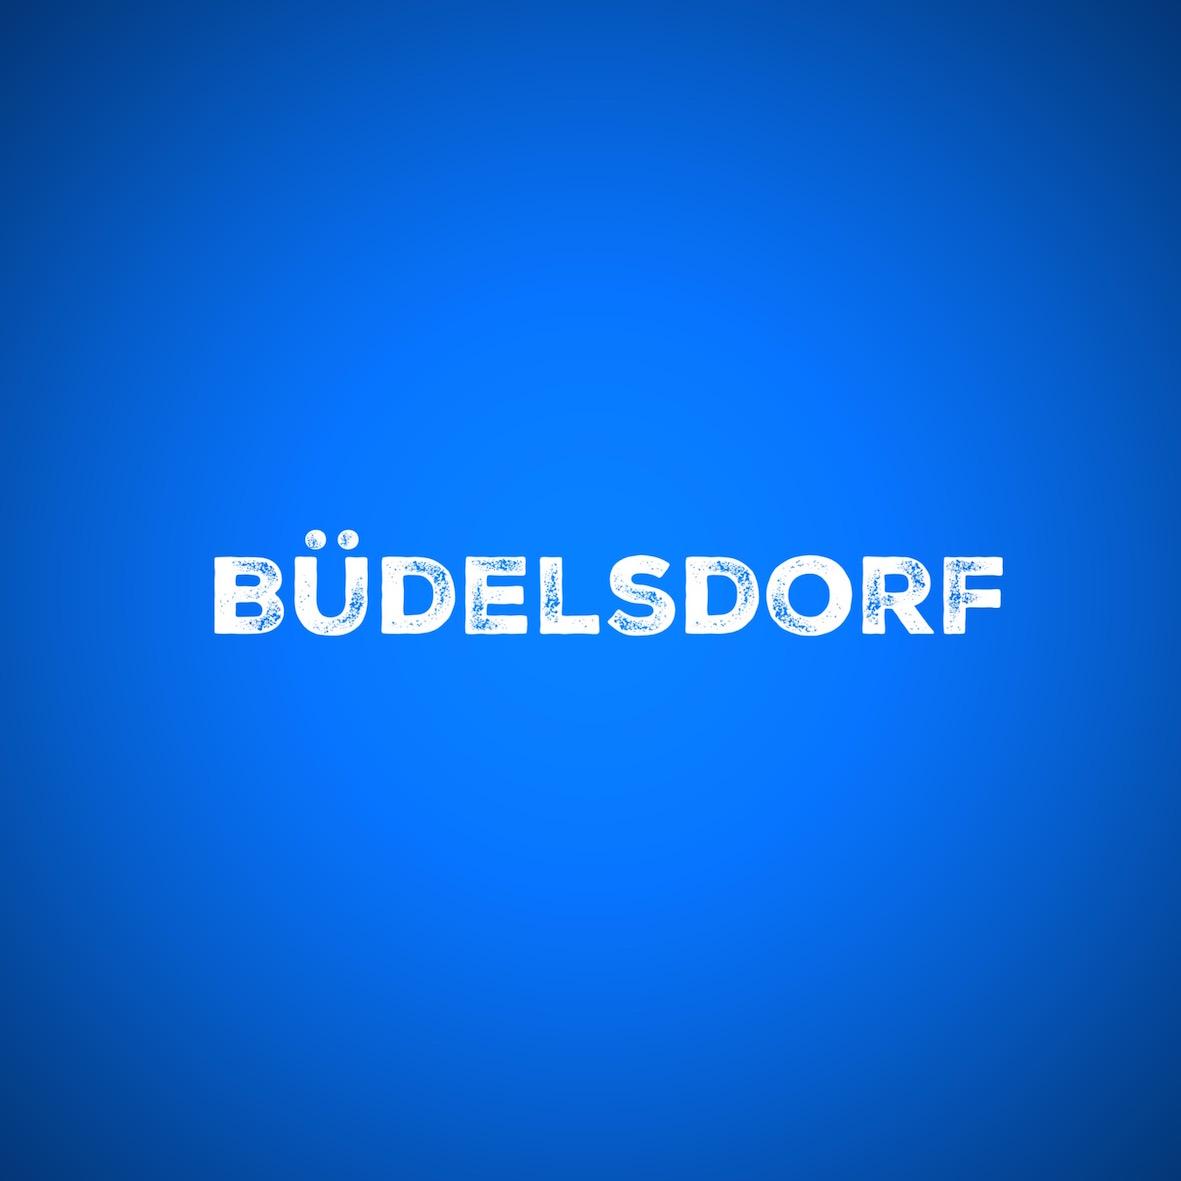 die Spieler Improvisationstheater geben ein Training für die Stadtverwaltung Büdelsdorf